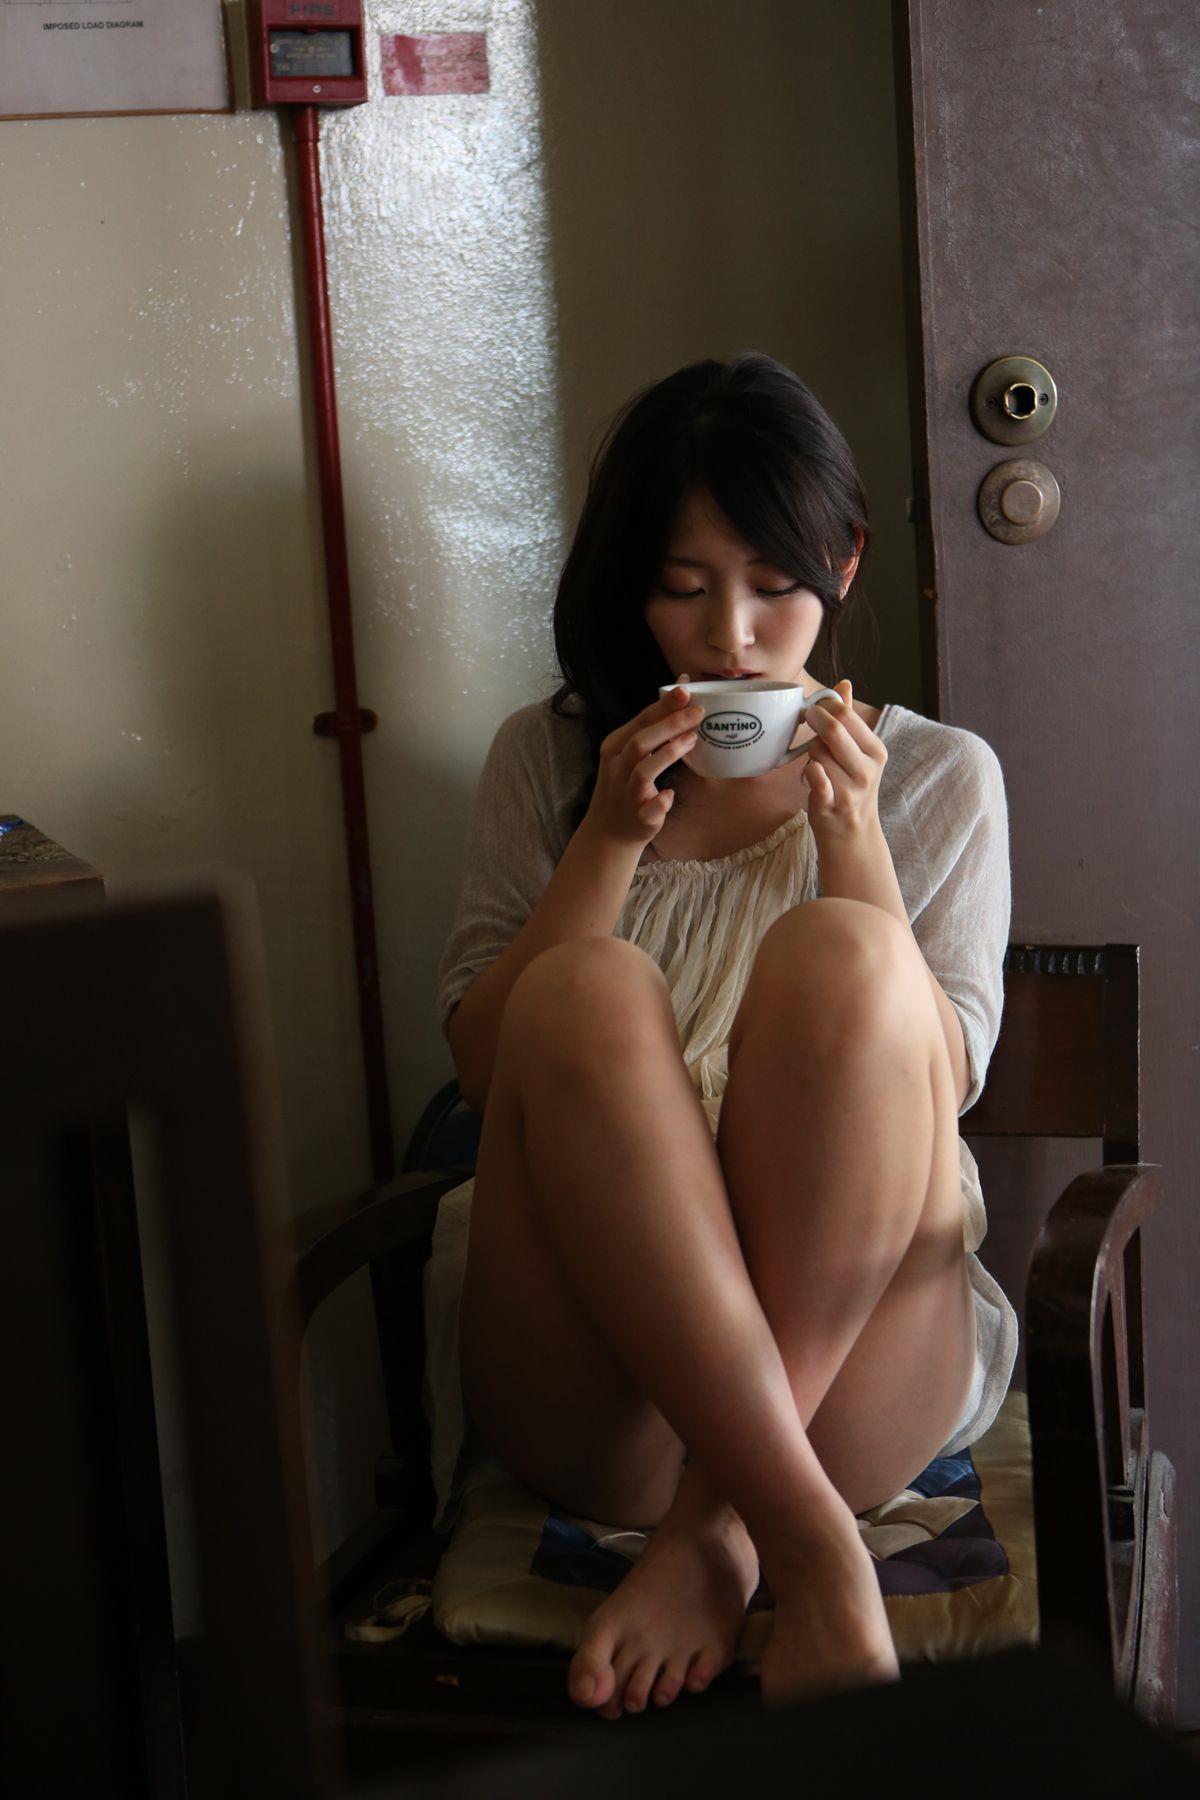 鈴木愛理(℃-ute) 画像 62